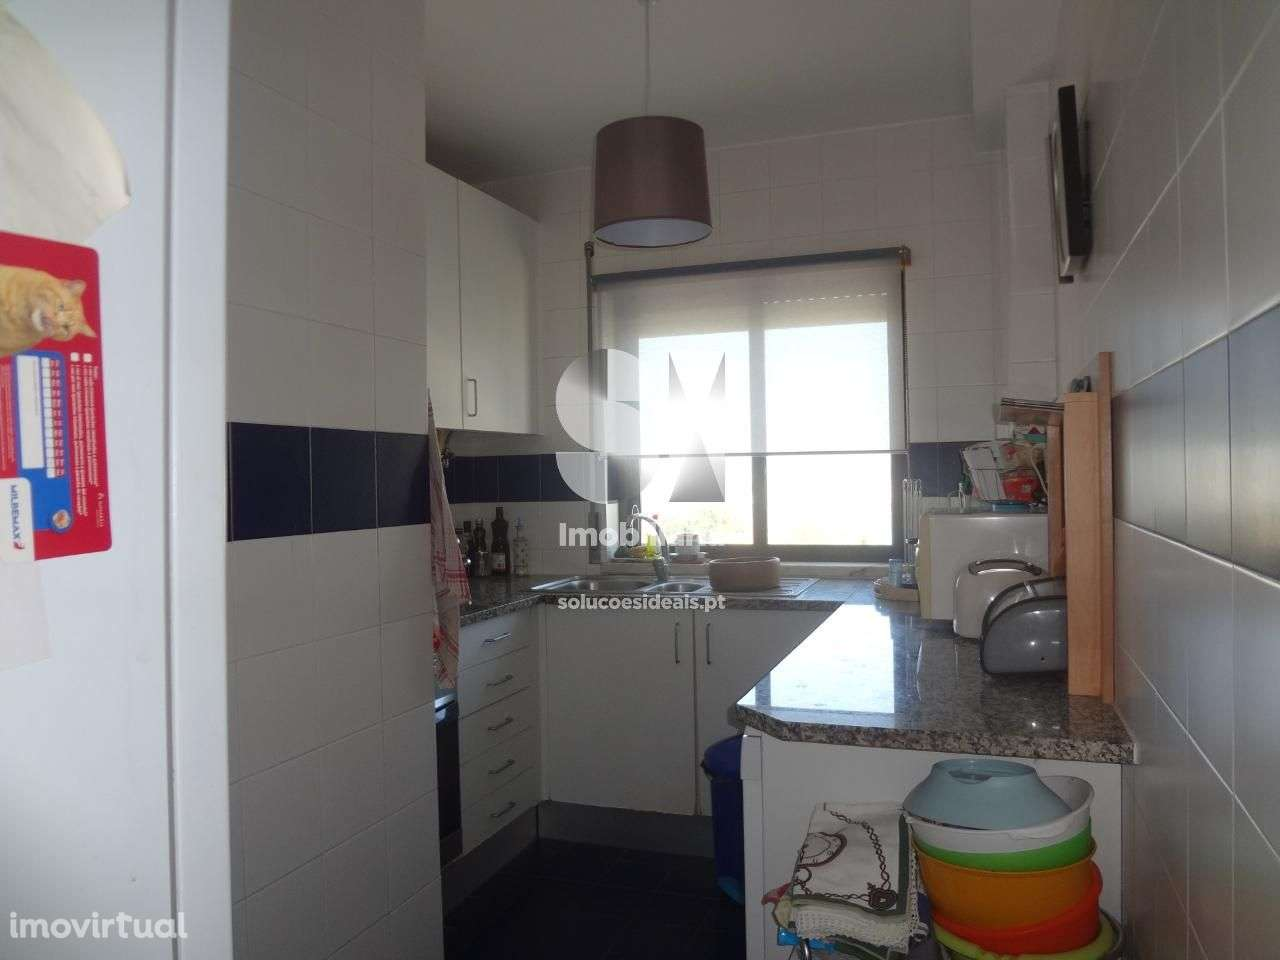 Apartamento para comprar, Caparica e Trafaria, Almada, Setúbal - Foto 1